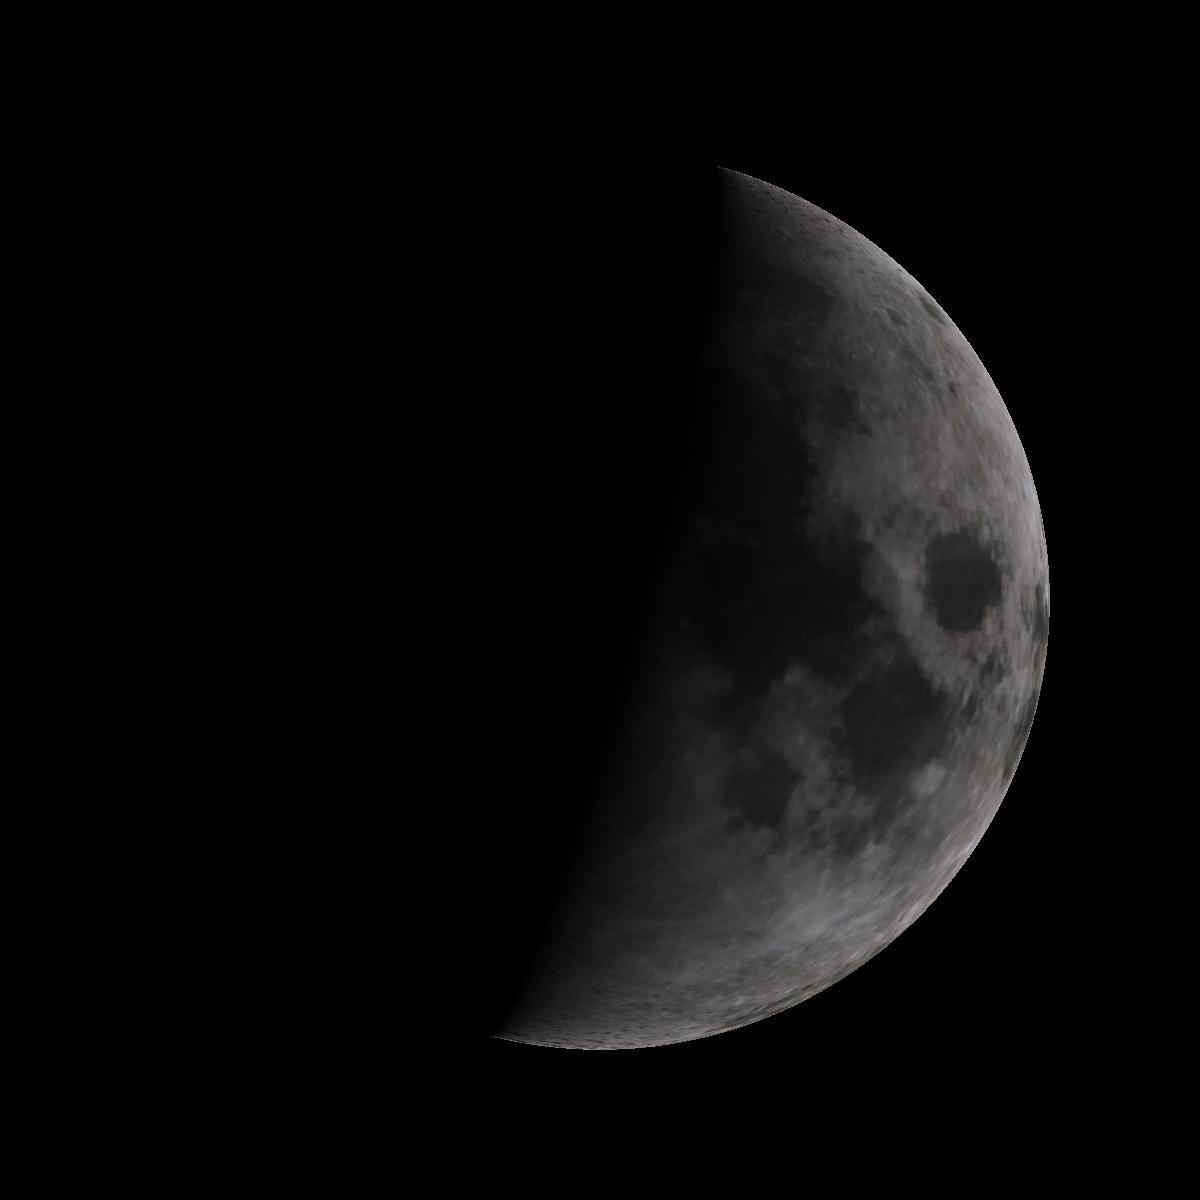 Lune du 4 novembre 2019